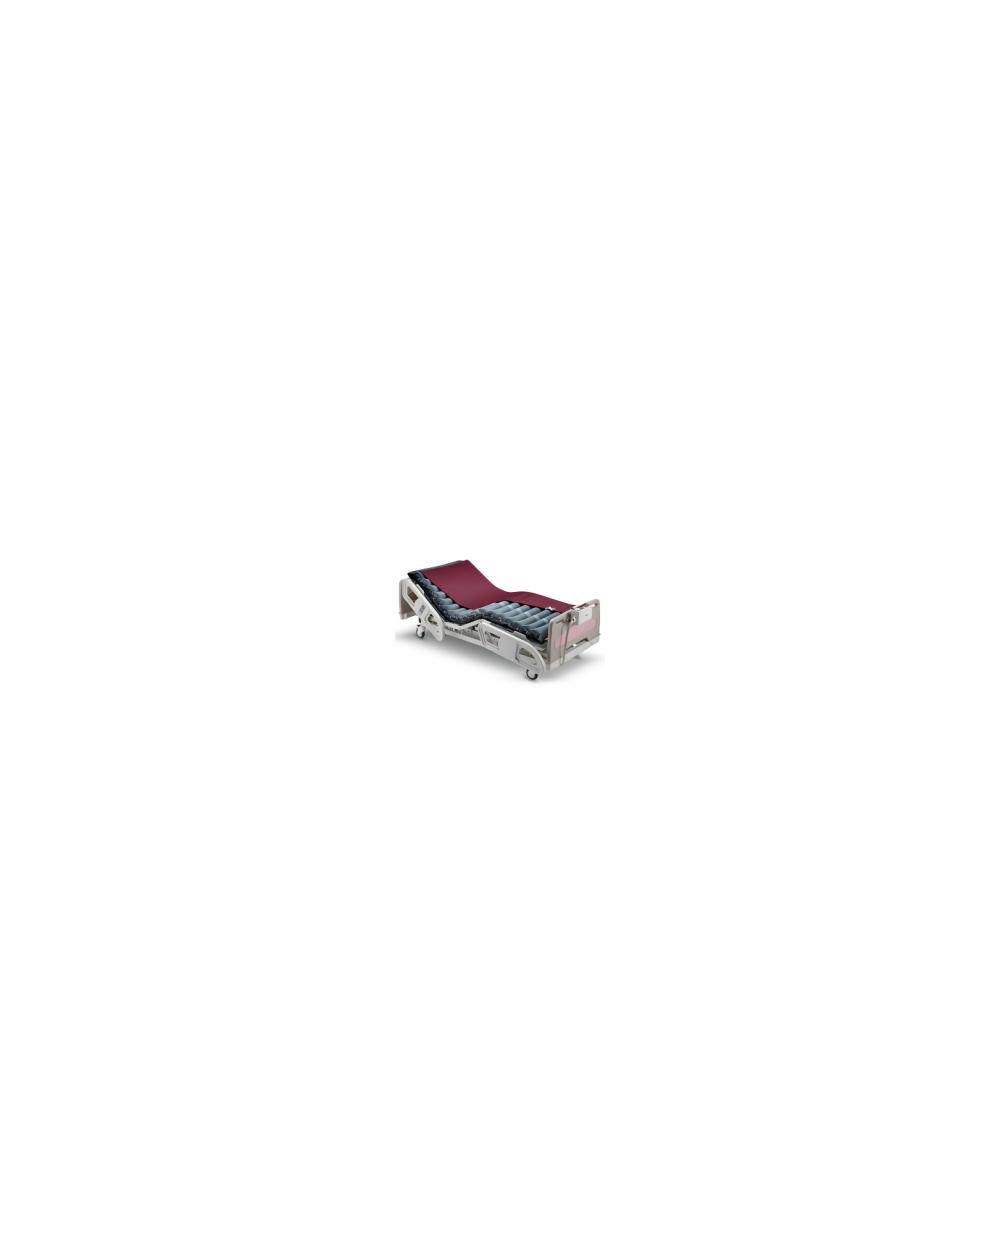 SURMATELAS ALTERNATING À AIR APEX® DOMUS 2 PLUS RÉF. : GOHY118.240